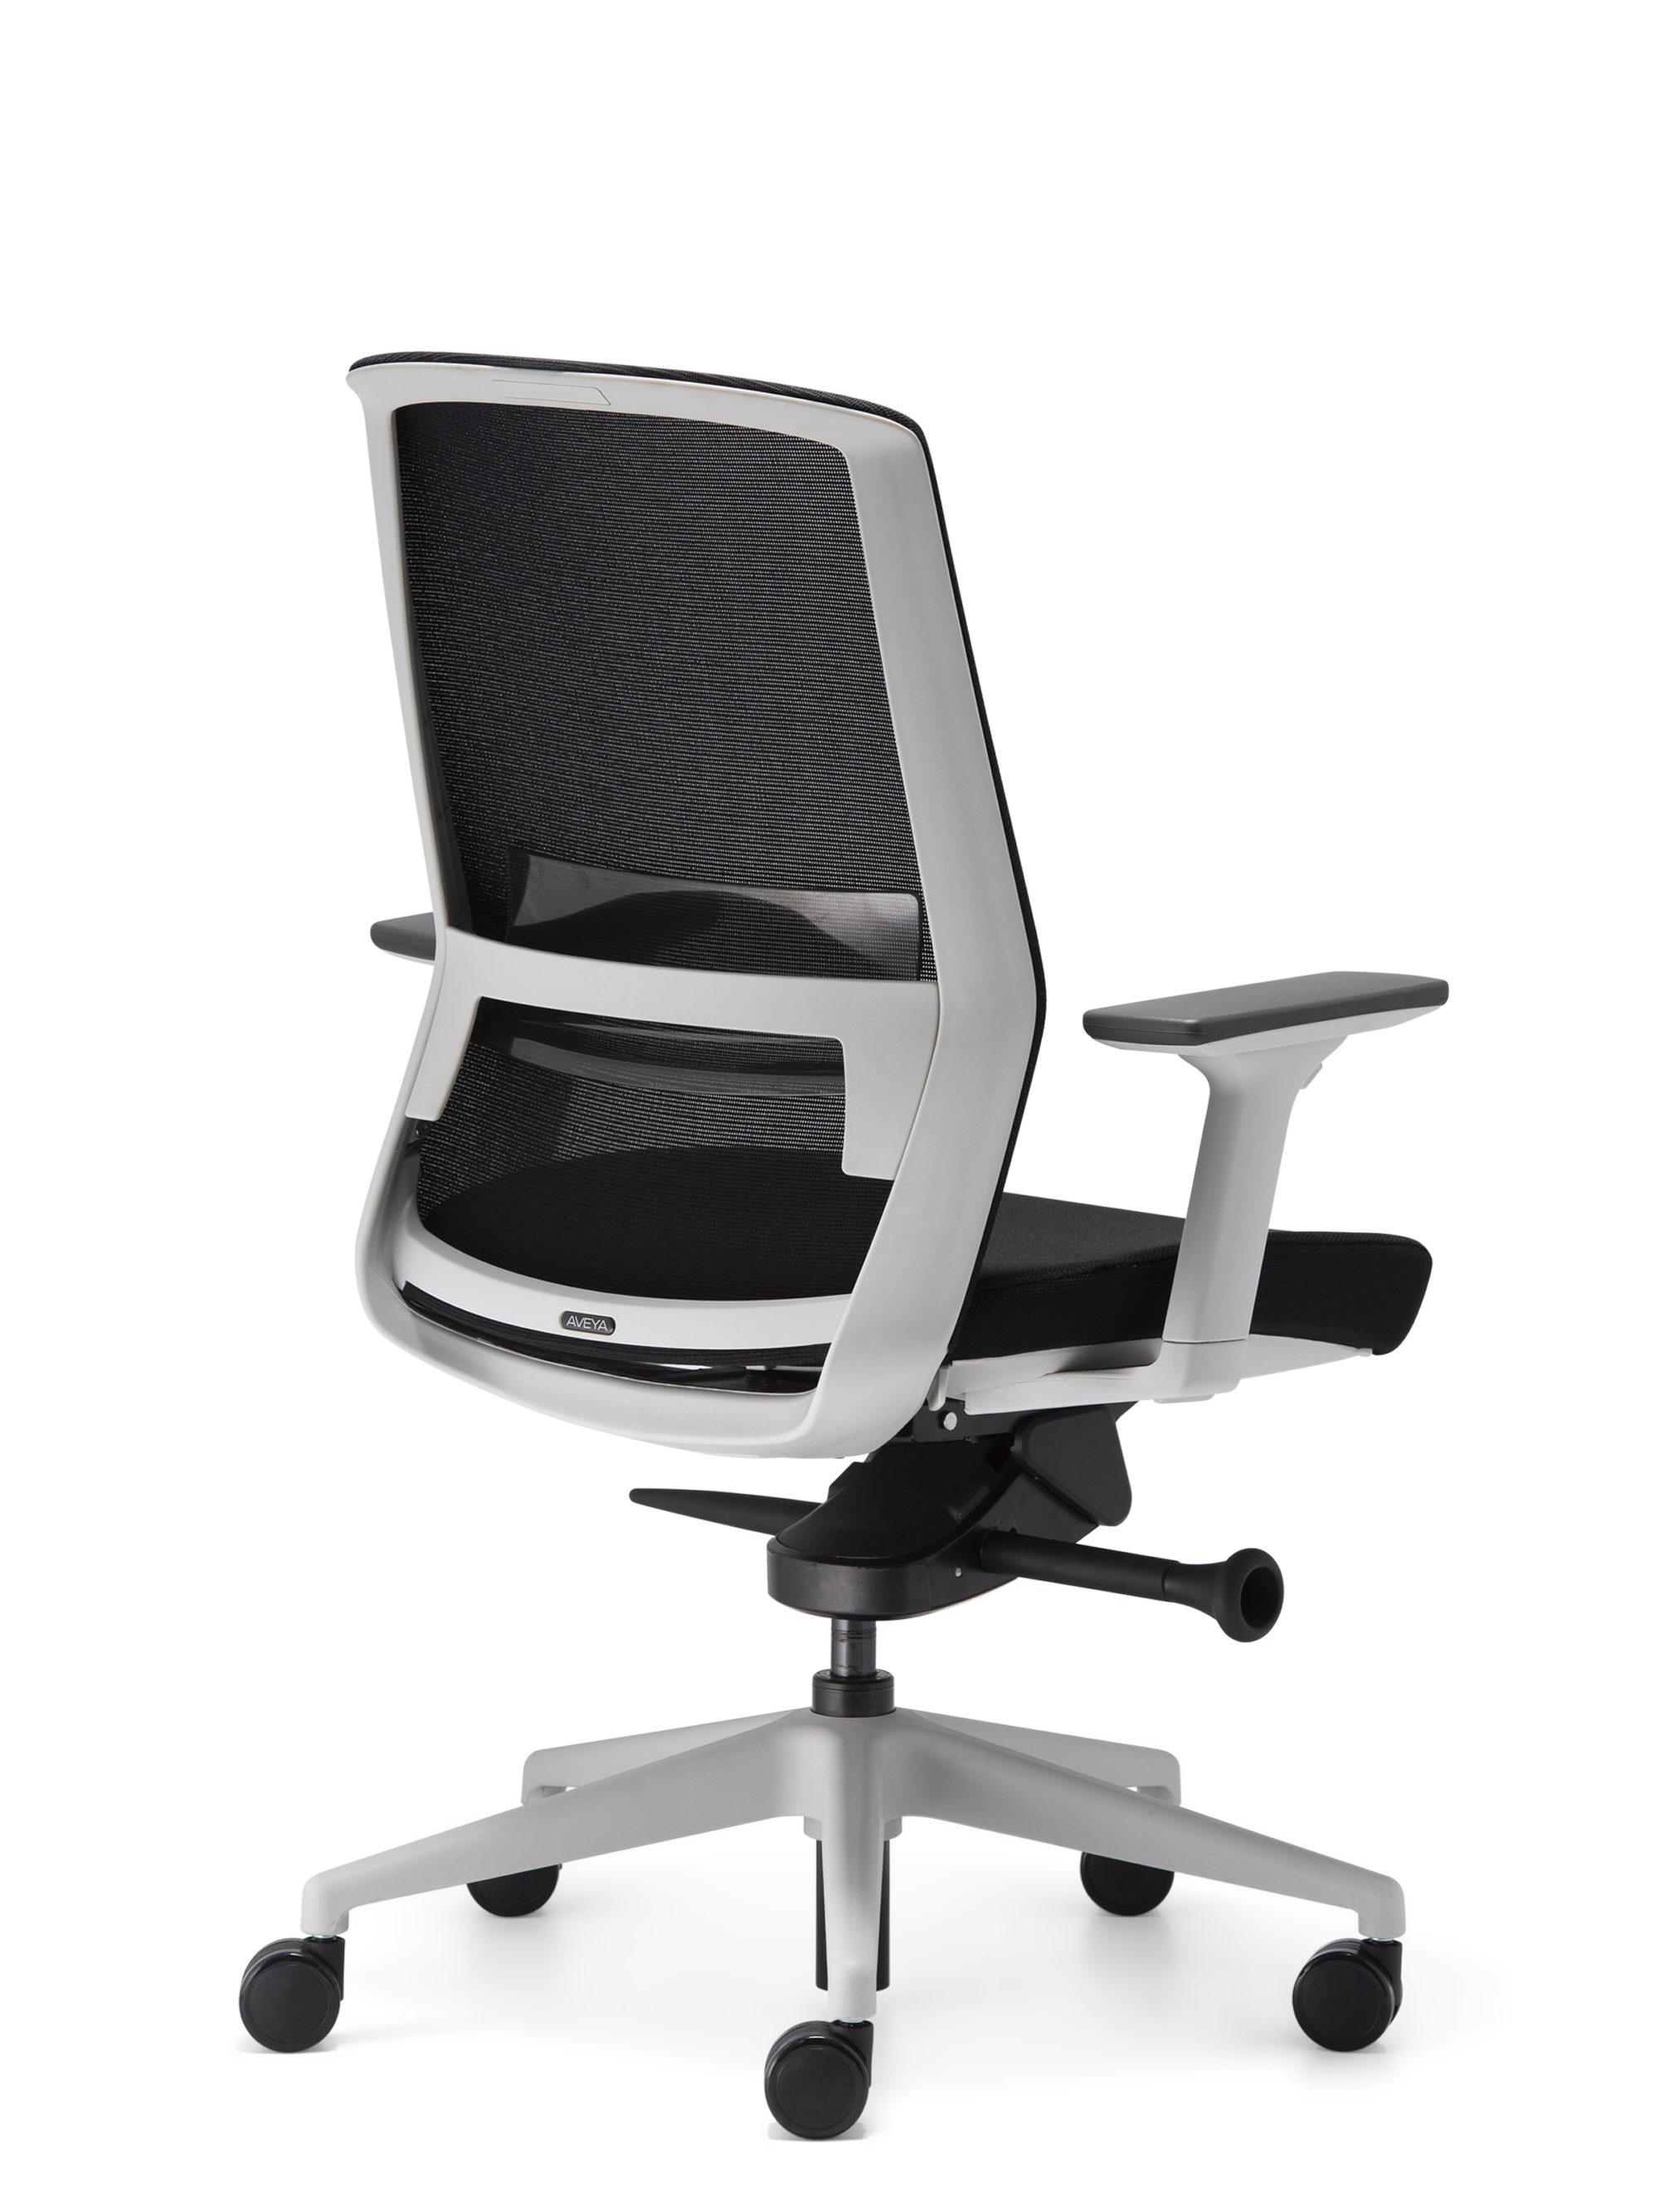 Create-Chair-729